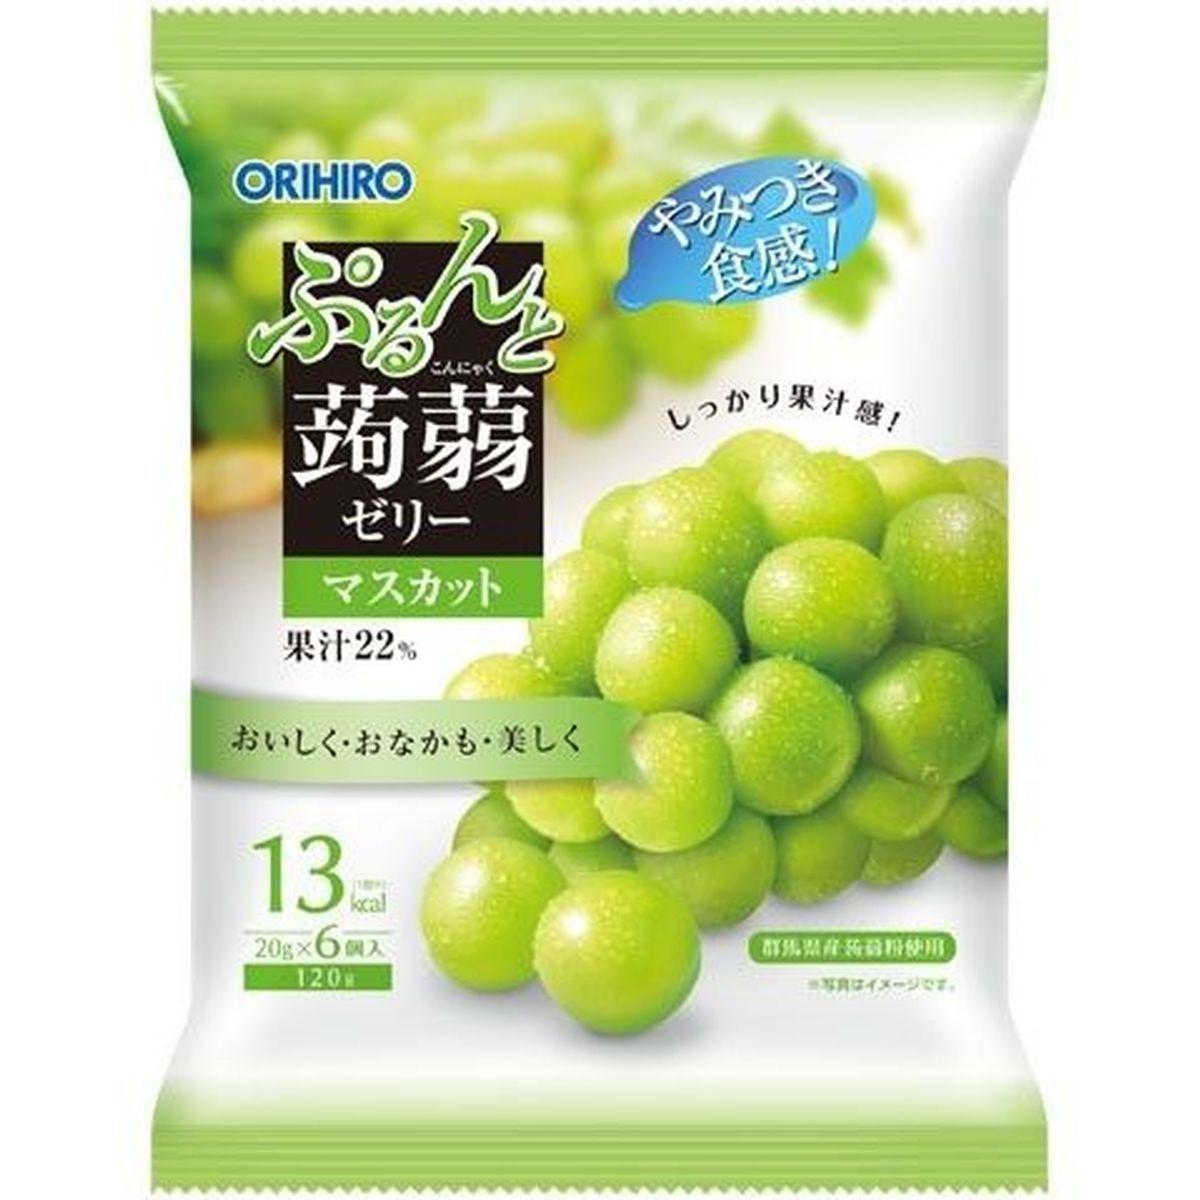 【24個入り】オリヒロ ぷるんと蒟蒻ゼリー マスカット 6個